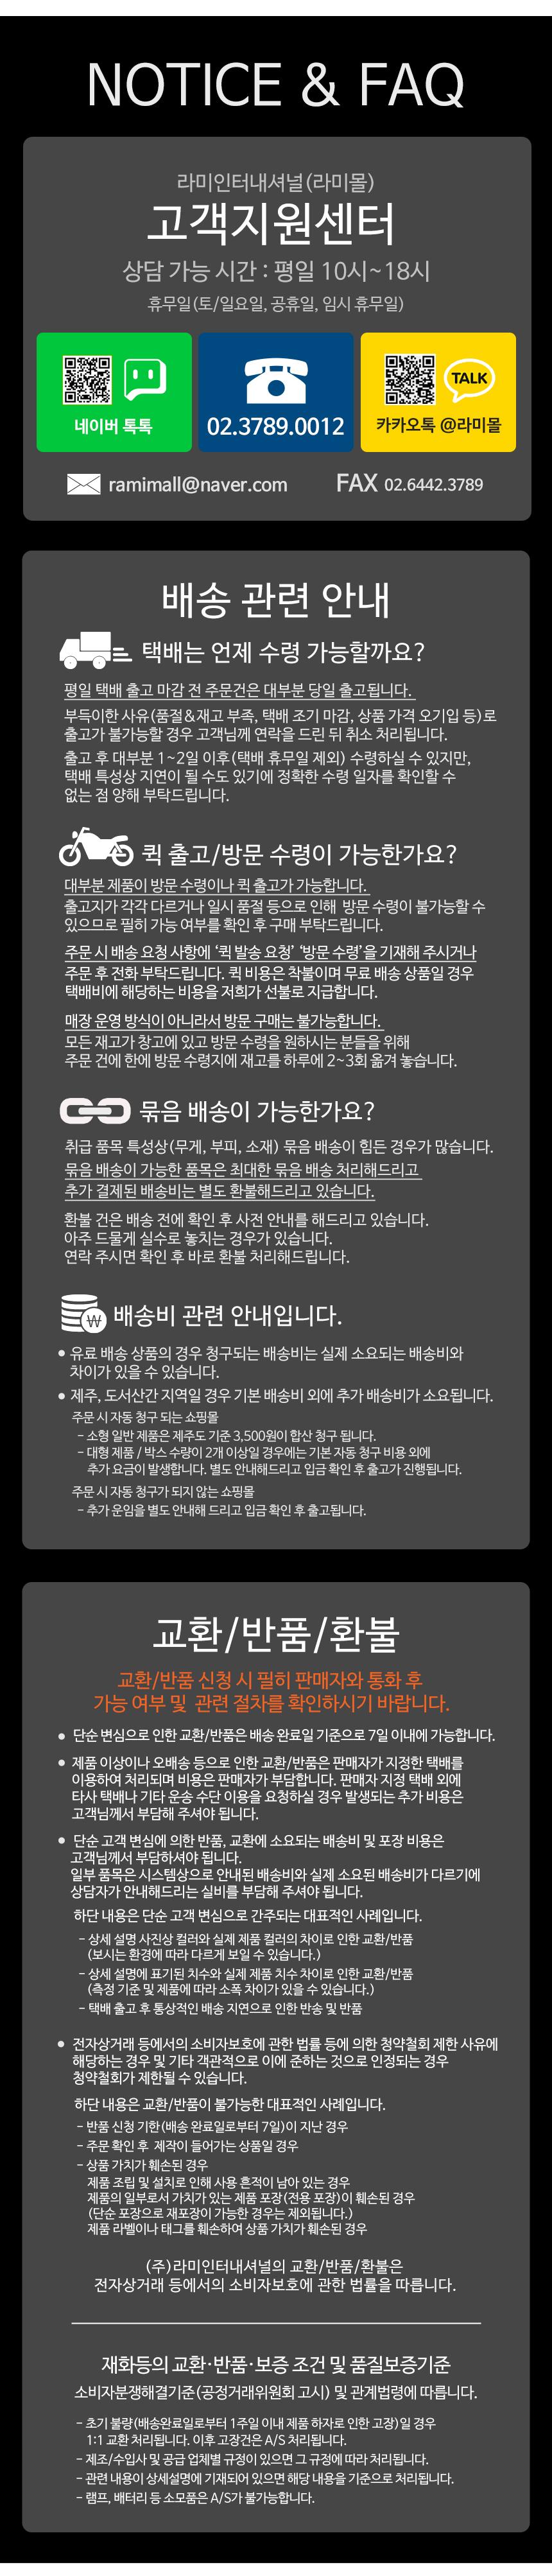 배송/교환/반품/환불/기타